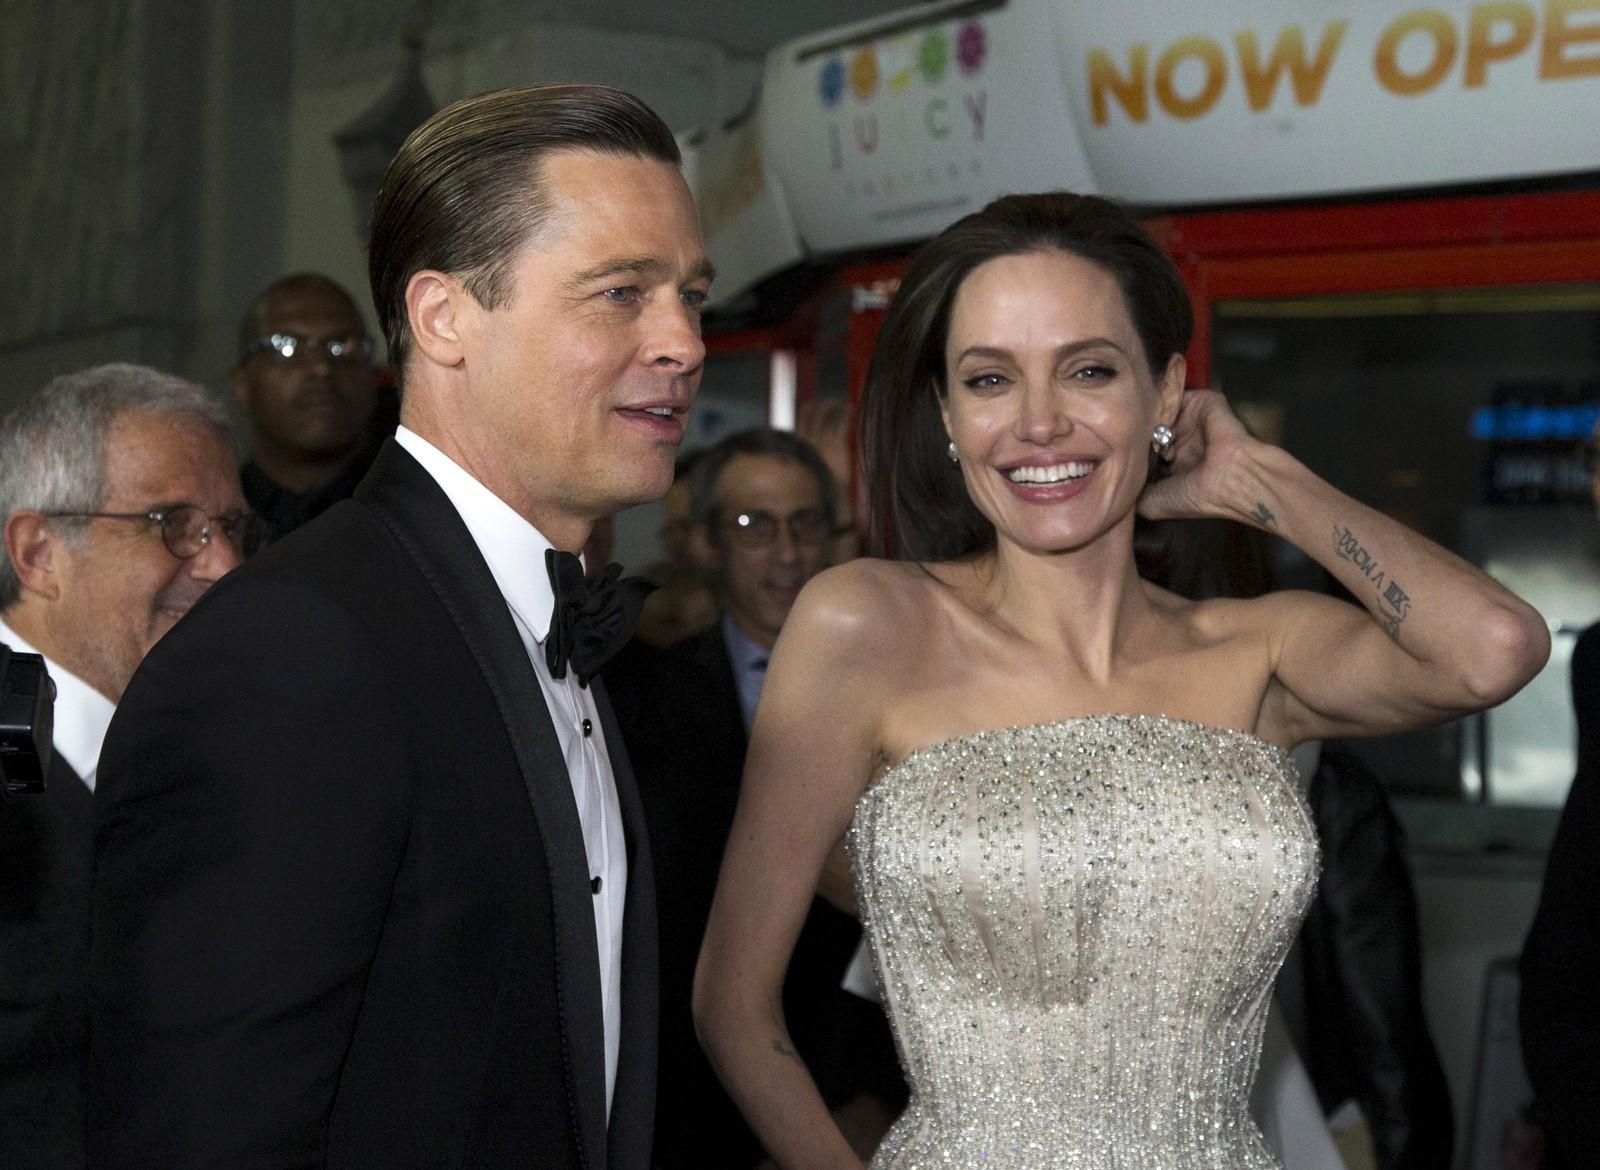 Paret dukker opp på premierefesten til filmen «By the Sea» 5. november 2015 - en film de begge spilte i, og som Jolie selv regisserte.